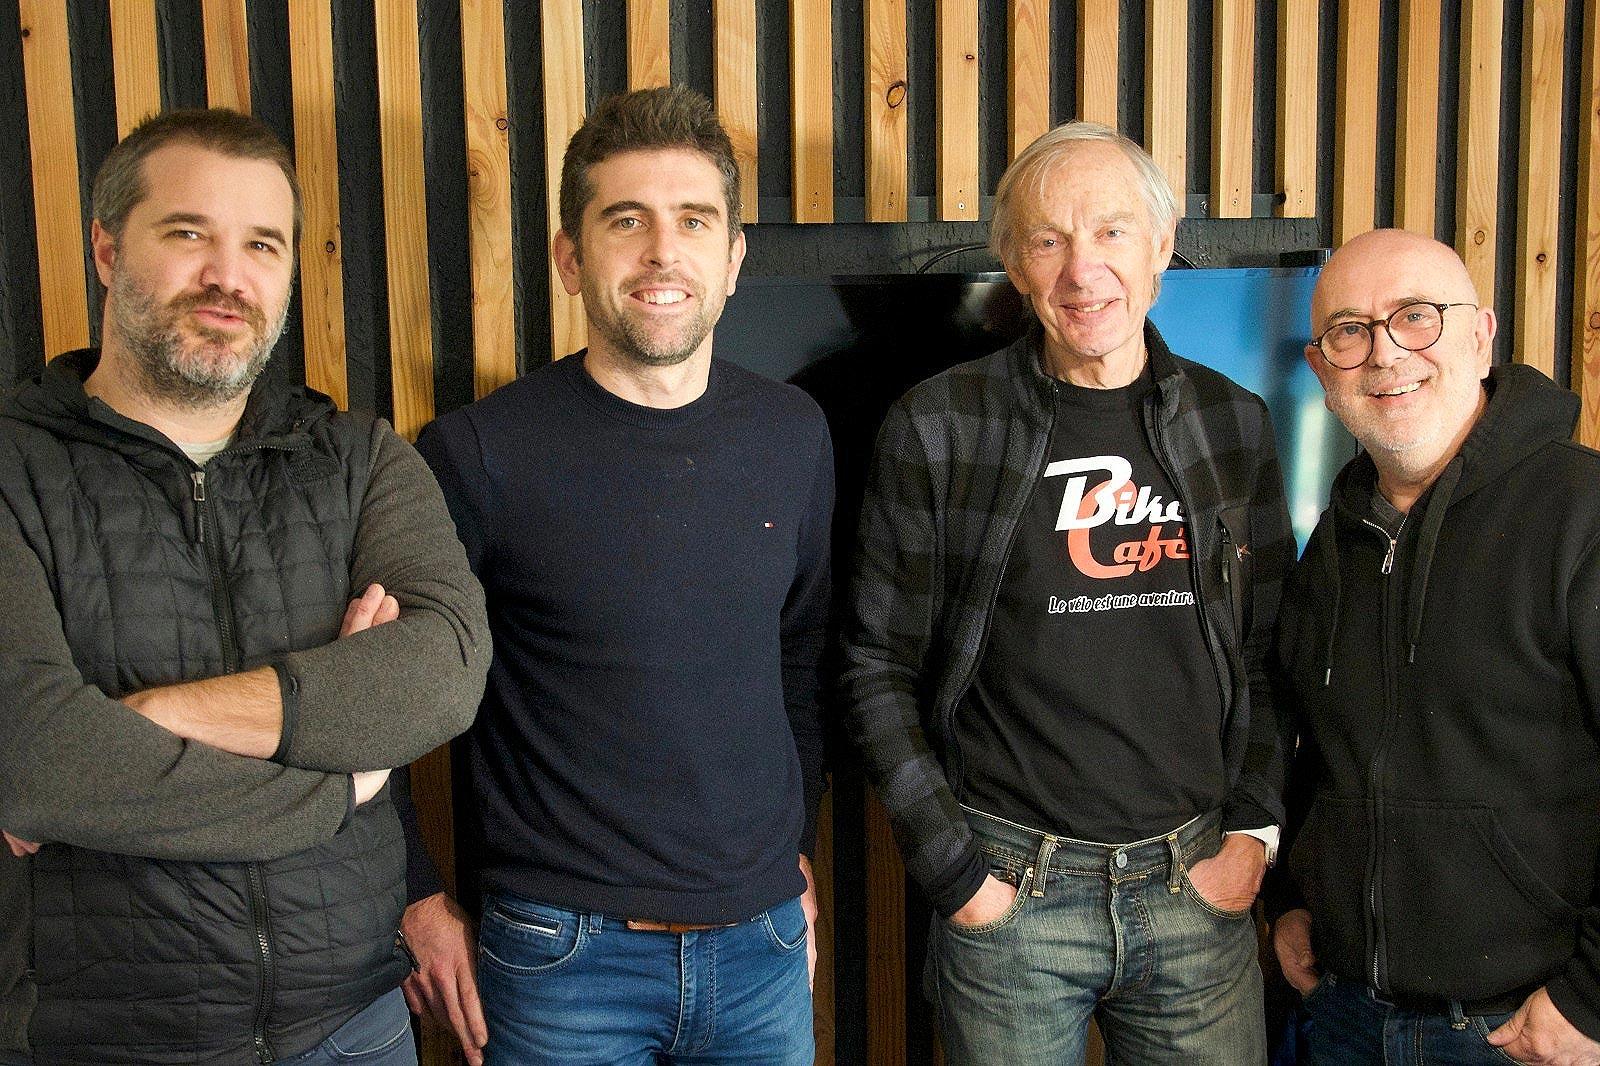 L'équipe de Bike Café SAS : Colin, Matthieu, Patrick et Jérôme